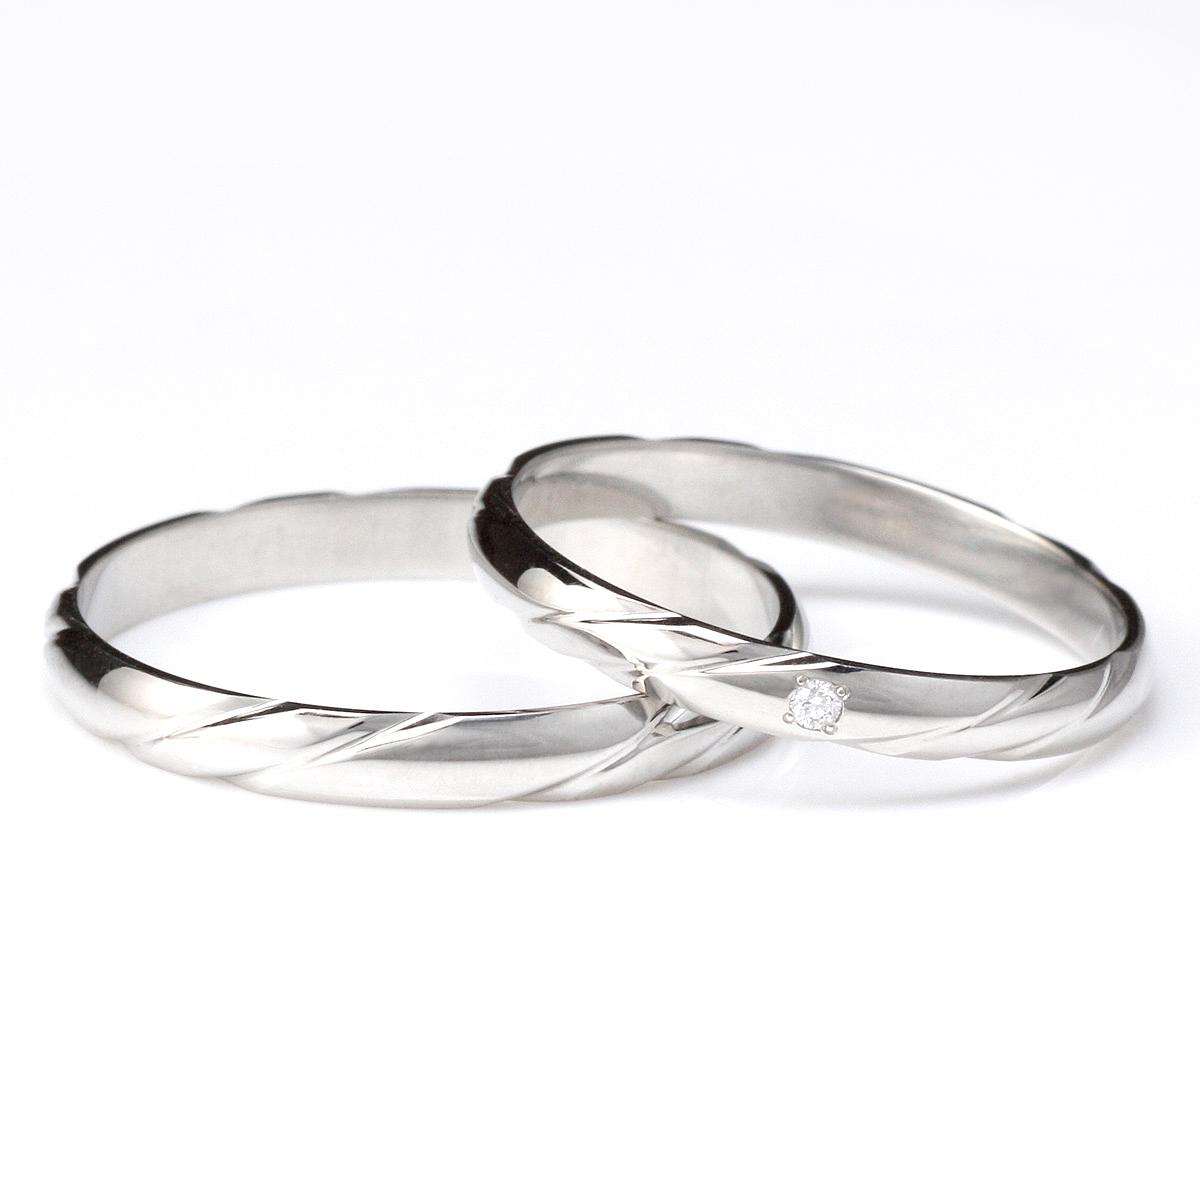 プラチナ ダイヤモンド 結婚指輪 ペアリング マリッジリング シンプル 2本セット 末広 スーパーSALE【今だけ代引手数料無料】